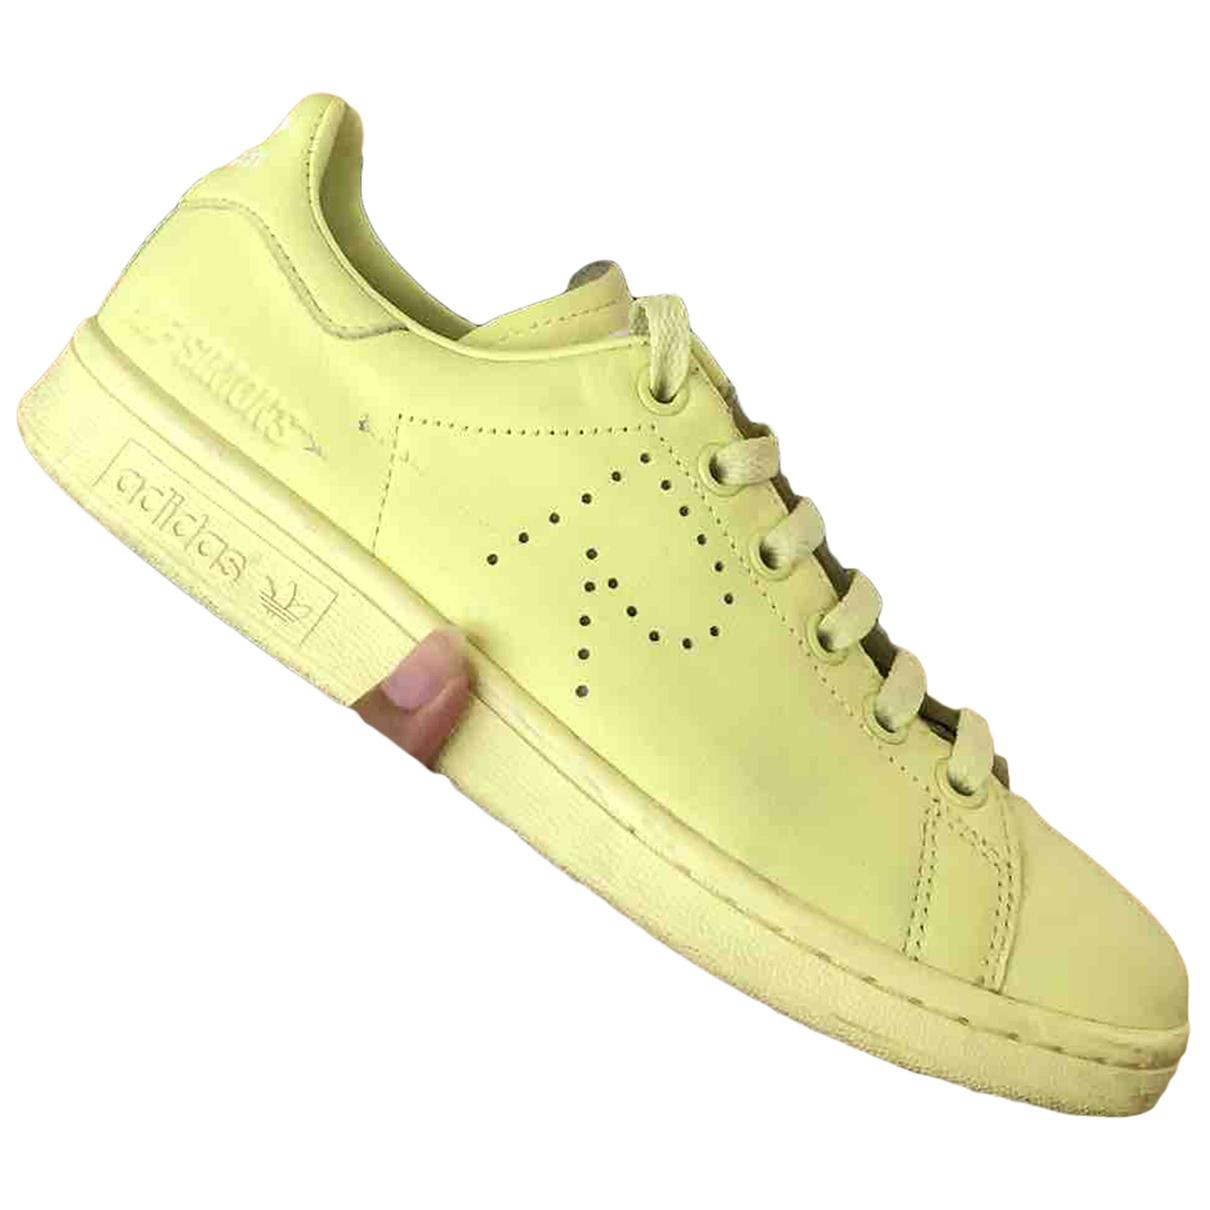 Adidas X Raf Simons - Baskets Stan Smith pour femme en cuir - jaune